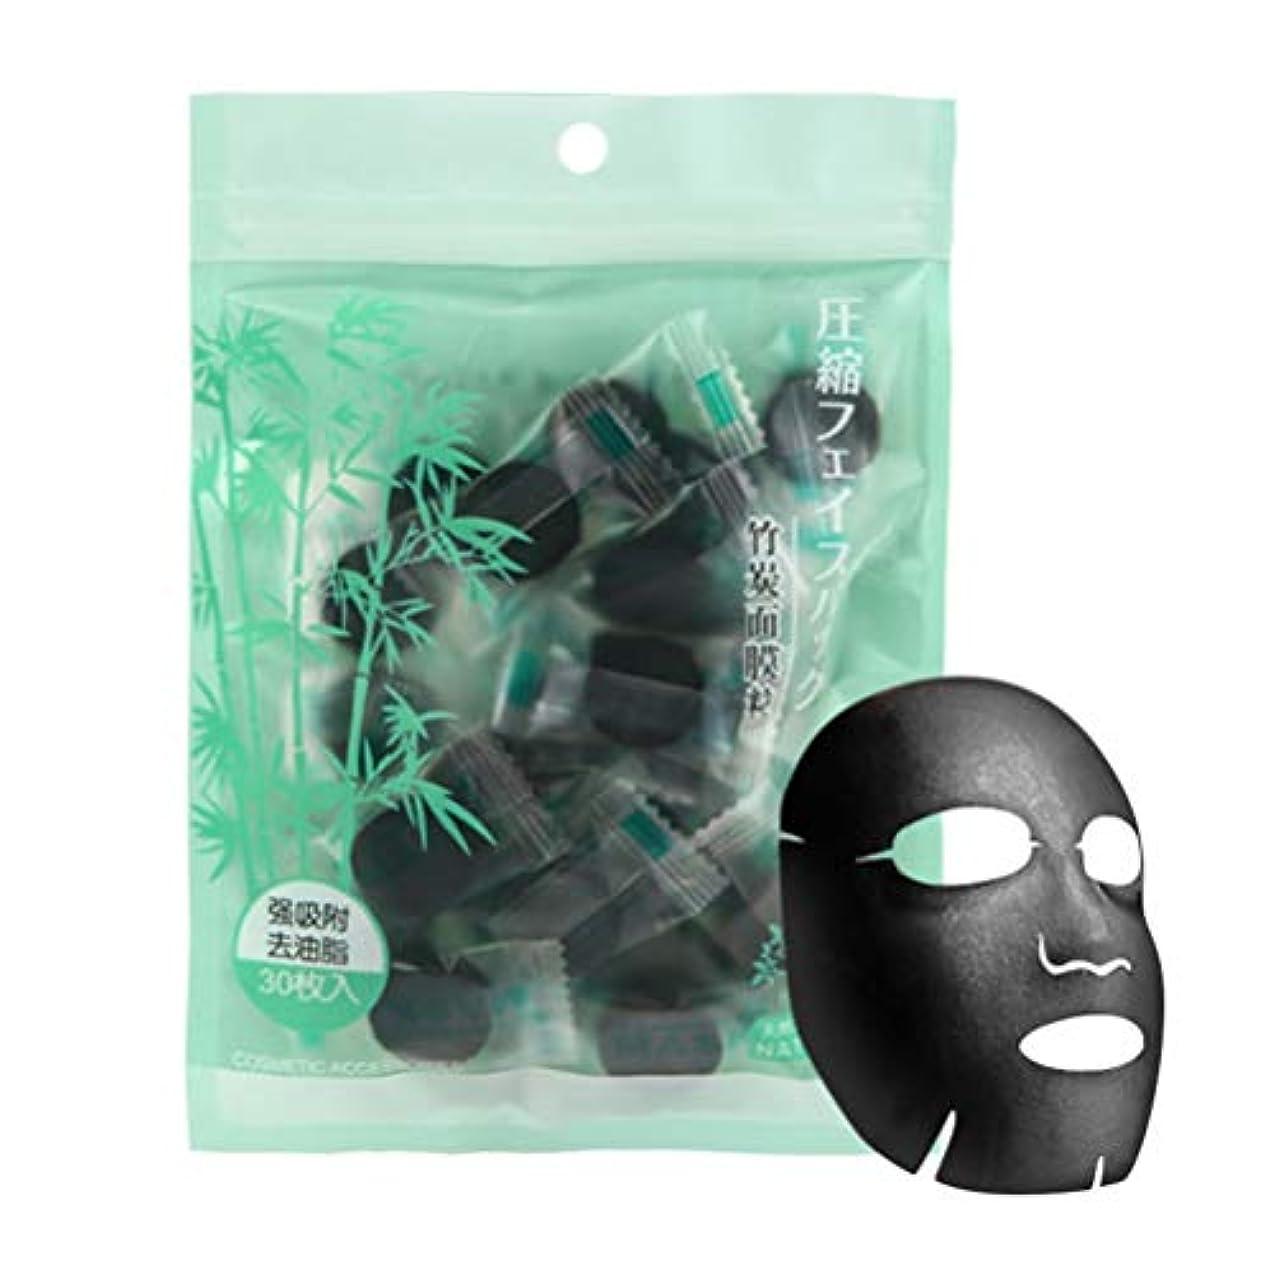 突然のくびれた布HEALLILY 30ピース使い捨てフェイシャルマスクDIY天然竹炭圧縮フェイシャルマスクシートスキンケアマスク